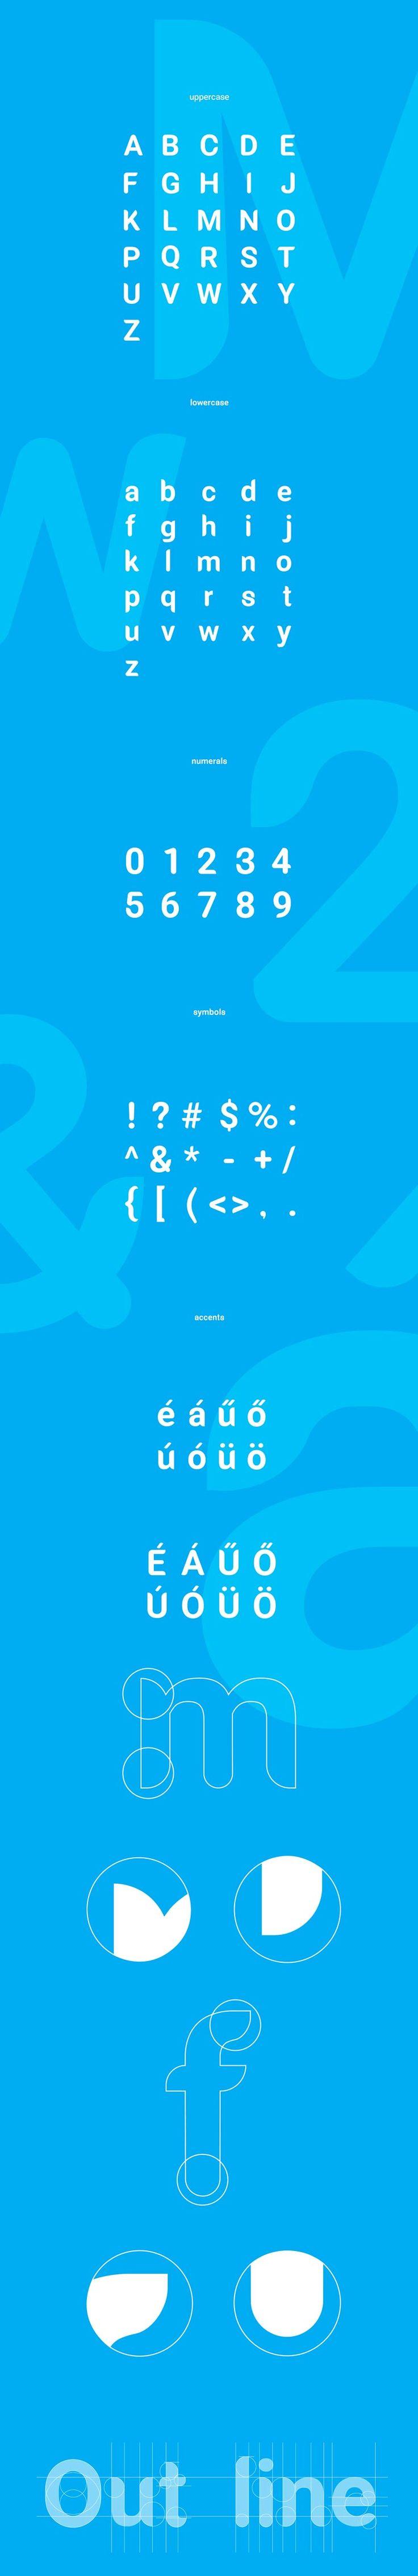 Millunium est une typographie réalisée par le designer Kolcsar Zsolt, c'est une typo moderne, sans sérif et plutôt visuellement agréable grâce à ses angles arrondis. La typographie est gratuite pour un usage personnel ainsi que commercial, elle est composée des caractères spéciaux et des caractères accentués, je pense qu'elle devrait vous plaire. Télécharger cette typographie